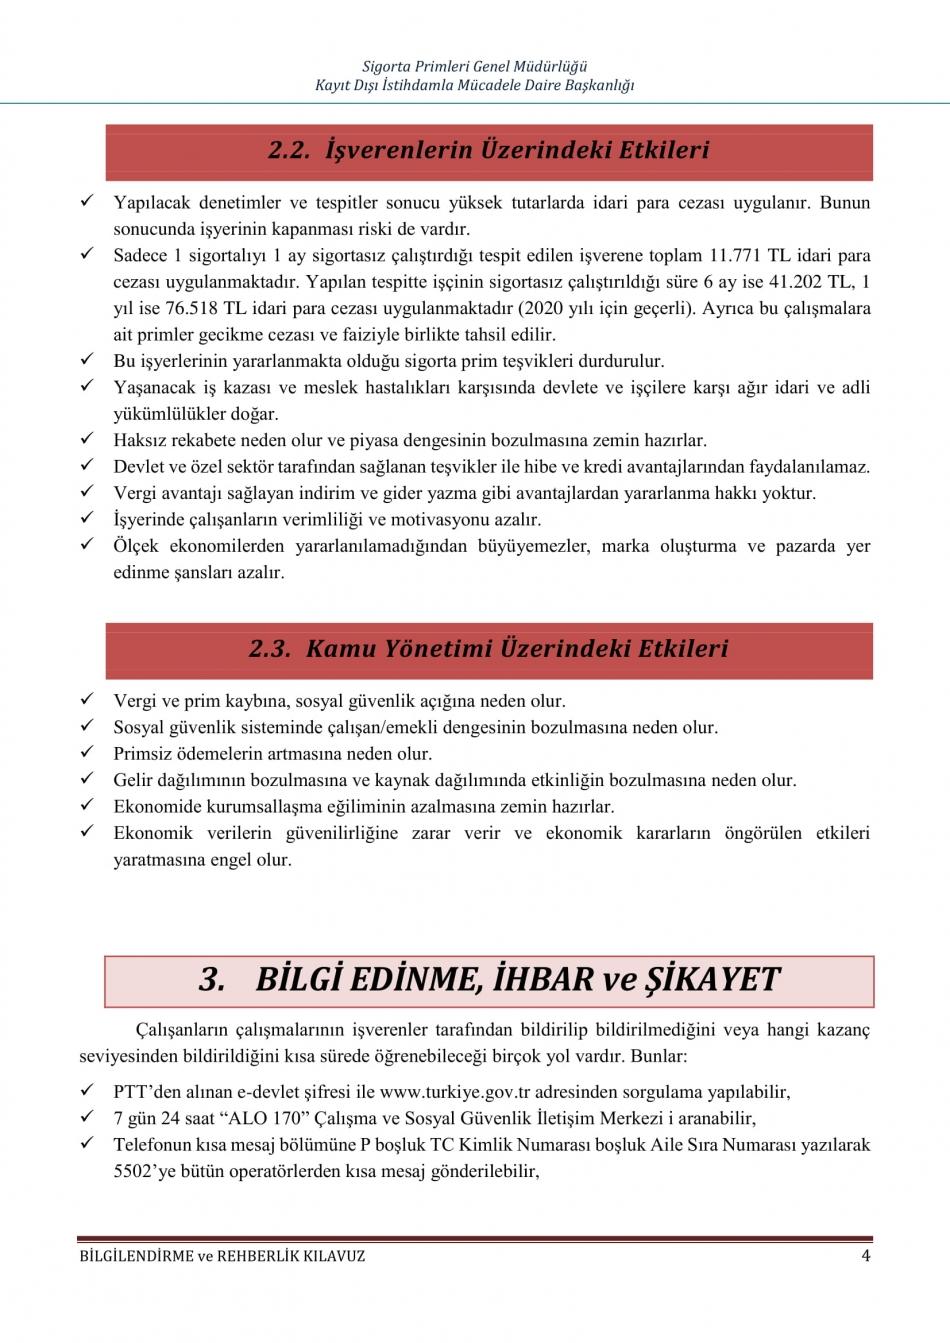 2020/10/1603723697_ek1_sg_rehberlIk_ve_bIlgIlendIrme_klavuzu_2020-05.jpg